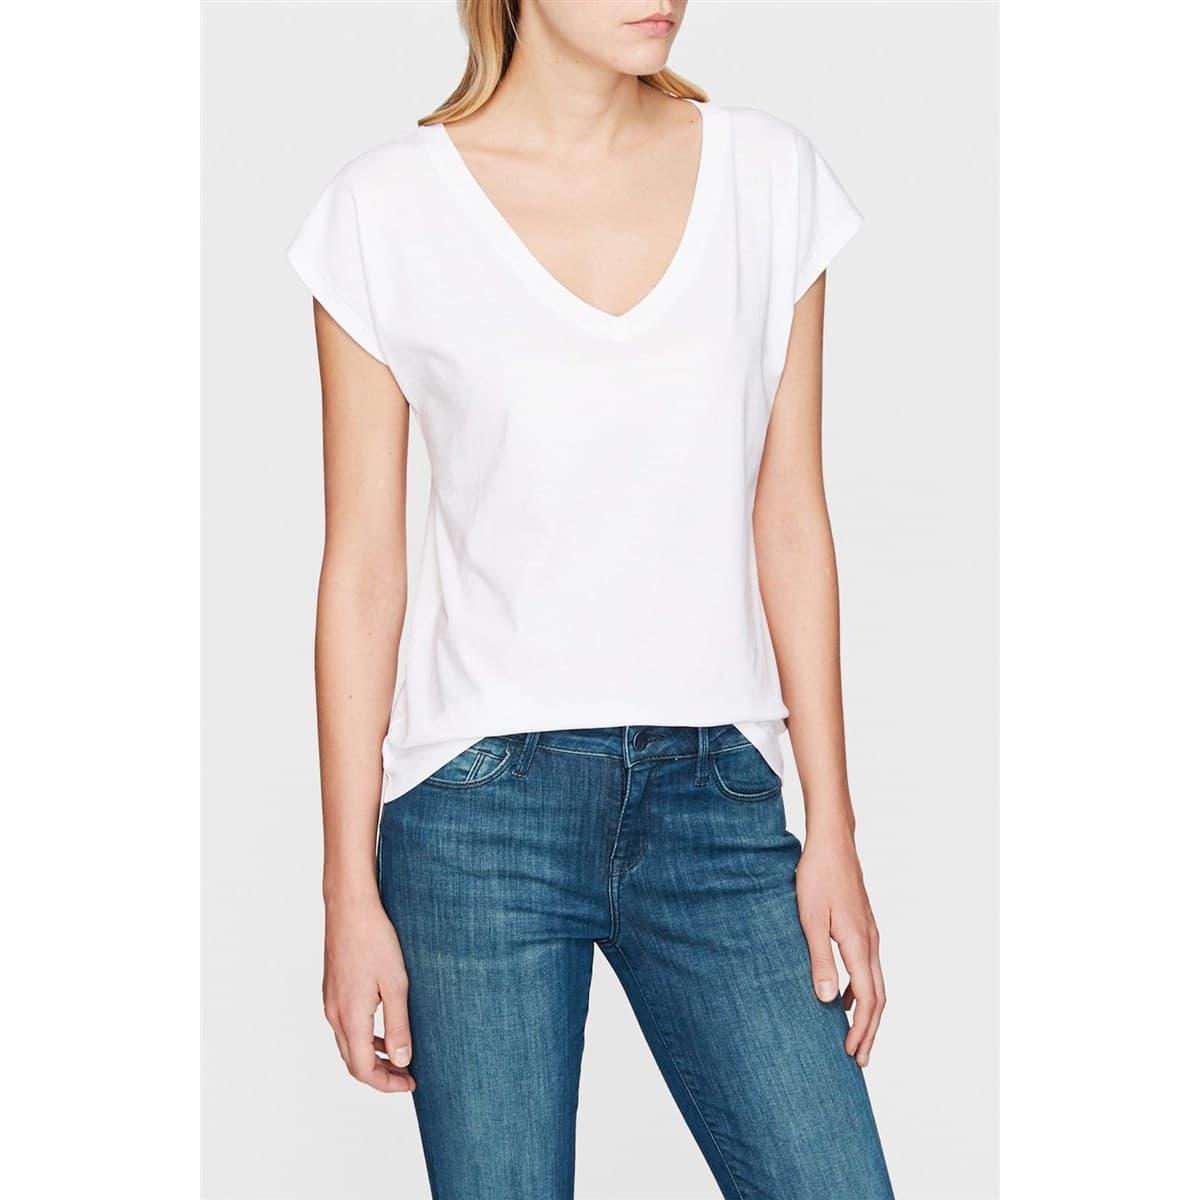 Mavi V Yaka Kadın Basic Beyaz Günlük Tişört